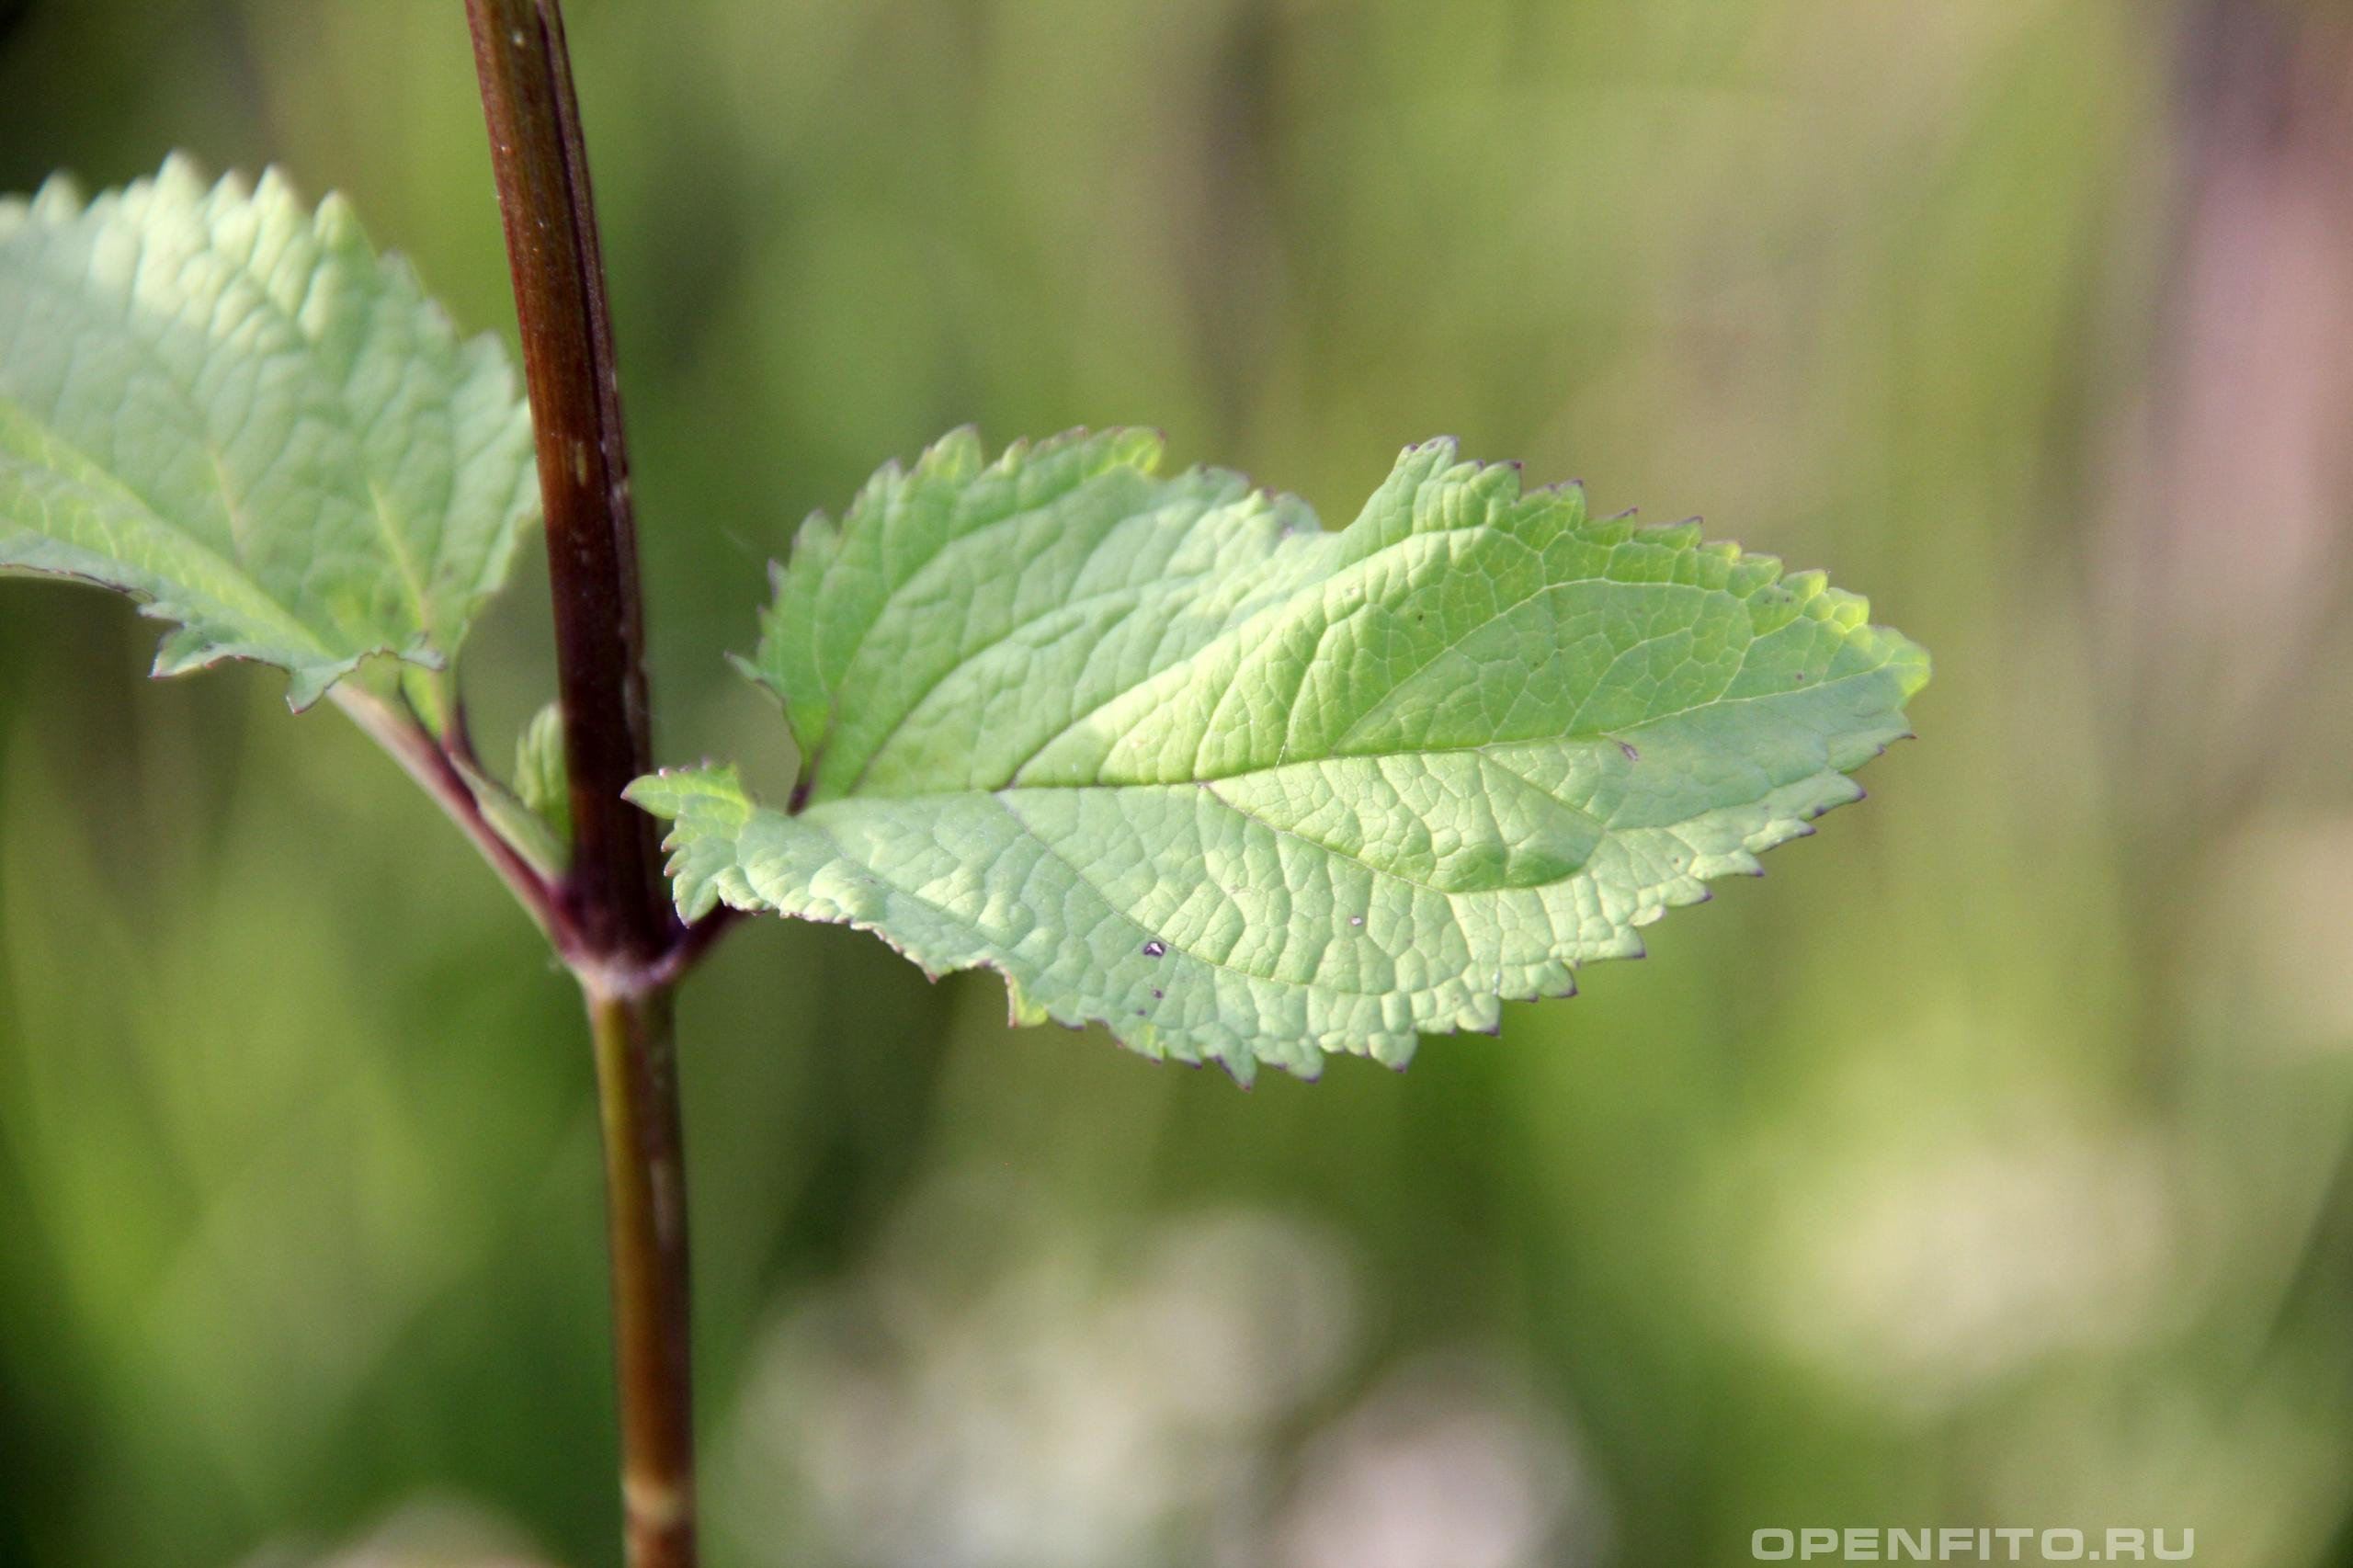 Норичник узловатый или Норичник шишковатый, растение так же называют петров крест